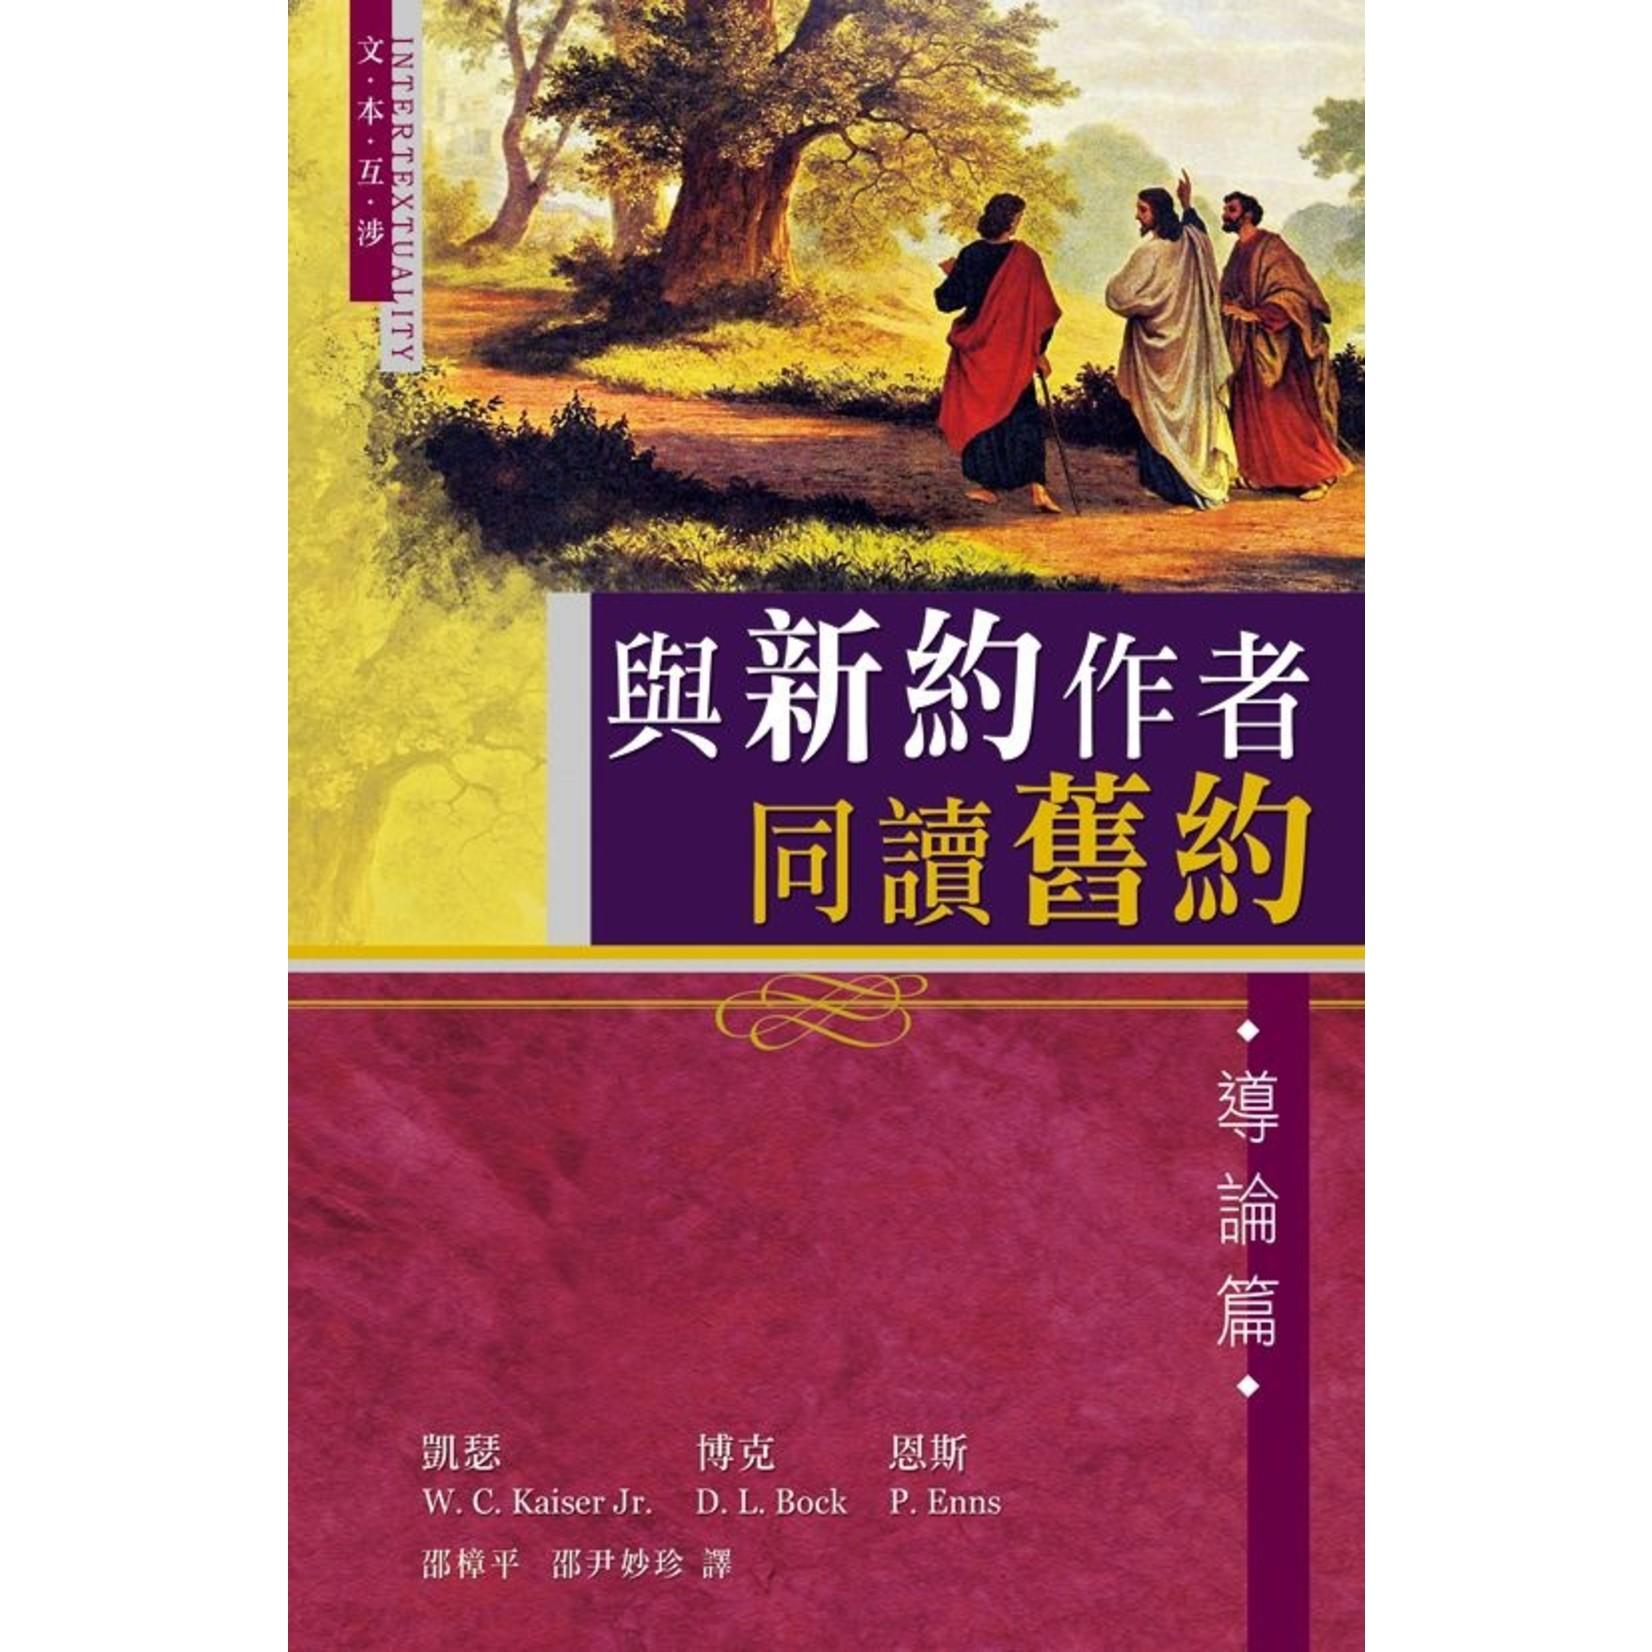 天道書樓 Tien Dao Publishing House 與新約作者同讀舊約:導論篇 Three Views on the New Testament Use of the Old Testament